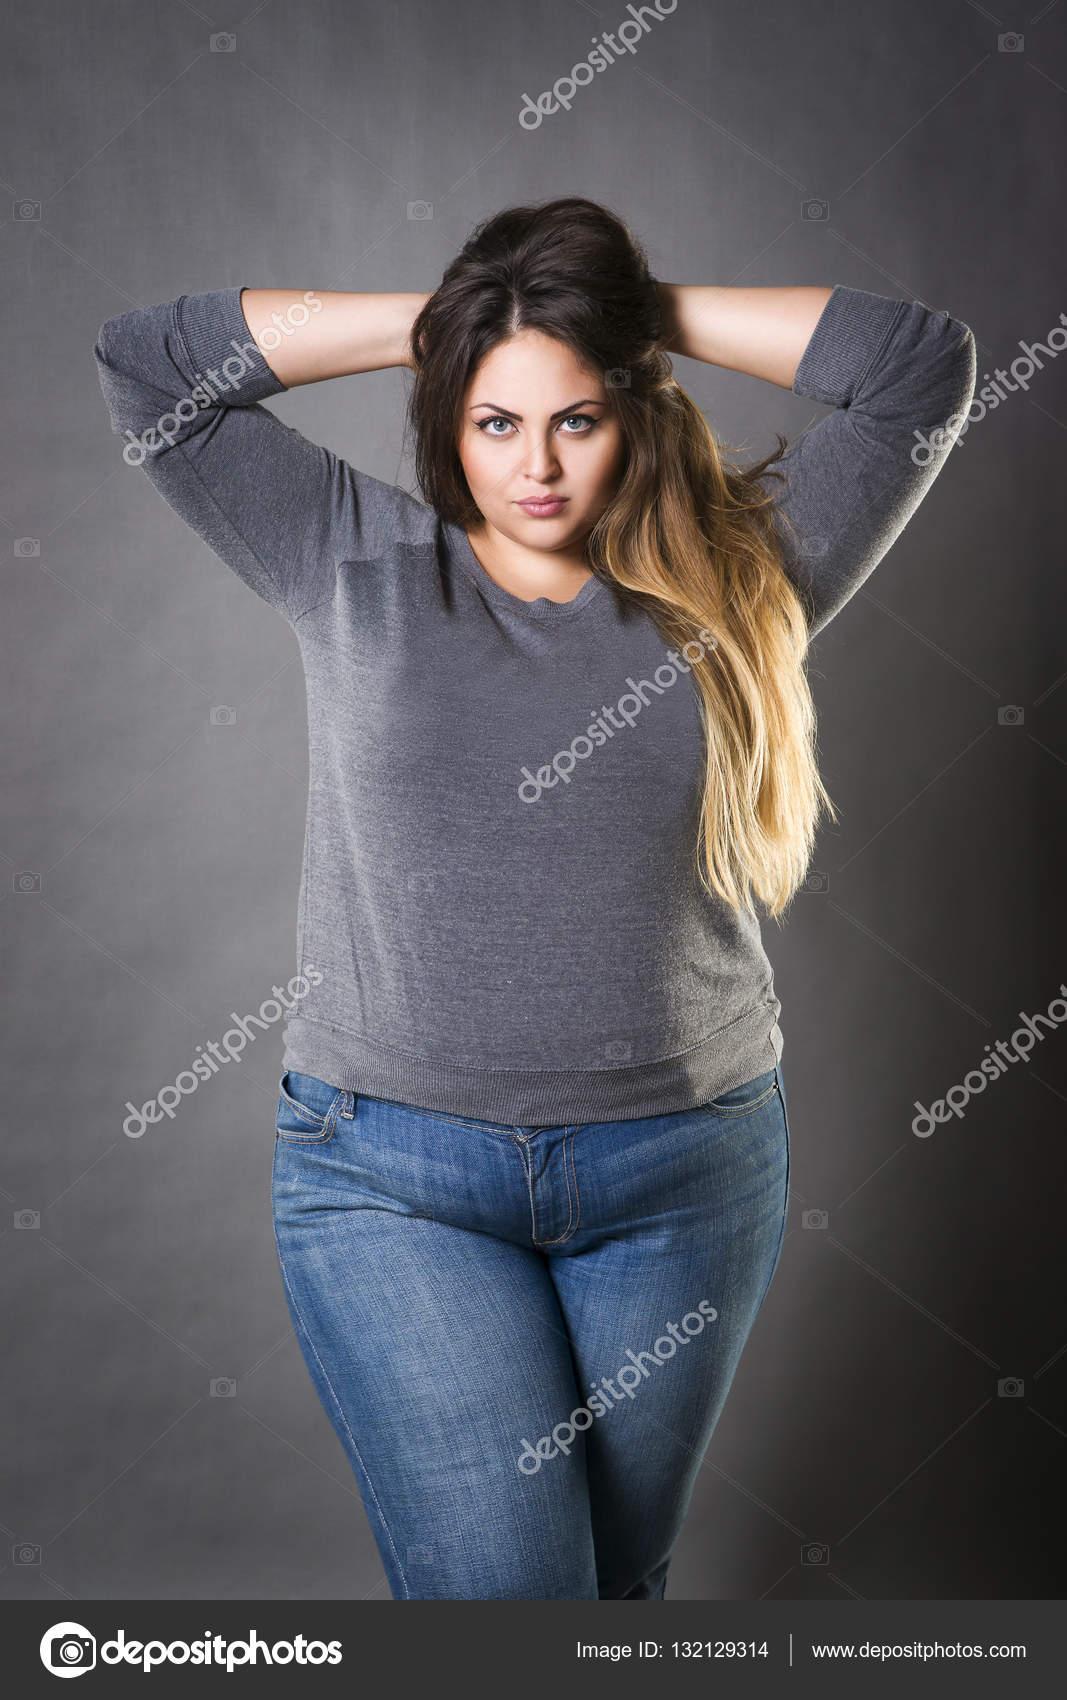 jeune belle plus la mannequin grande taille en jeans xxl femme sur fond gris photographie. Black Bedroom Furniture Sets. Home Design Ideas